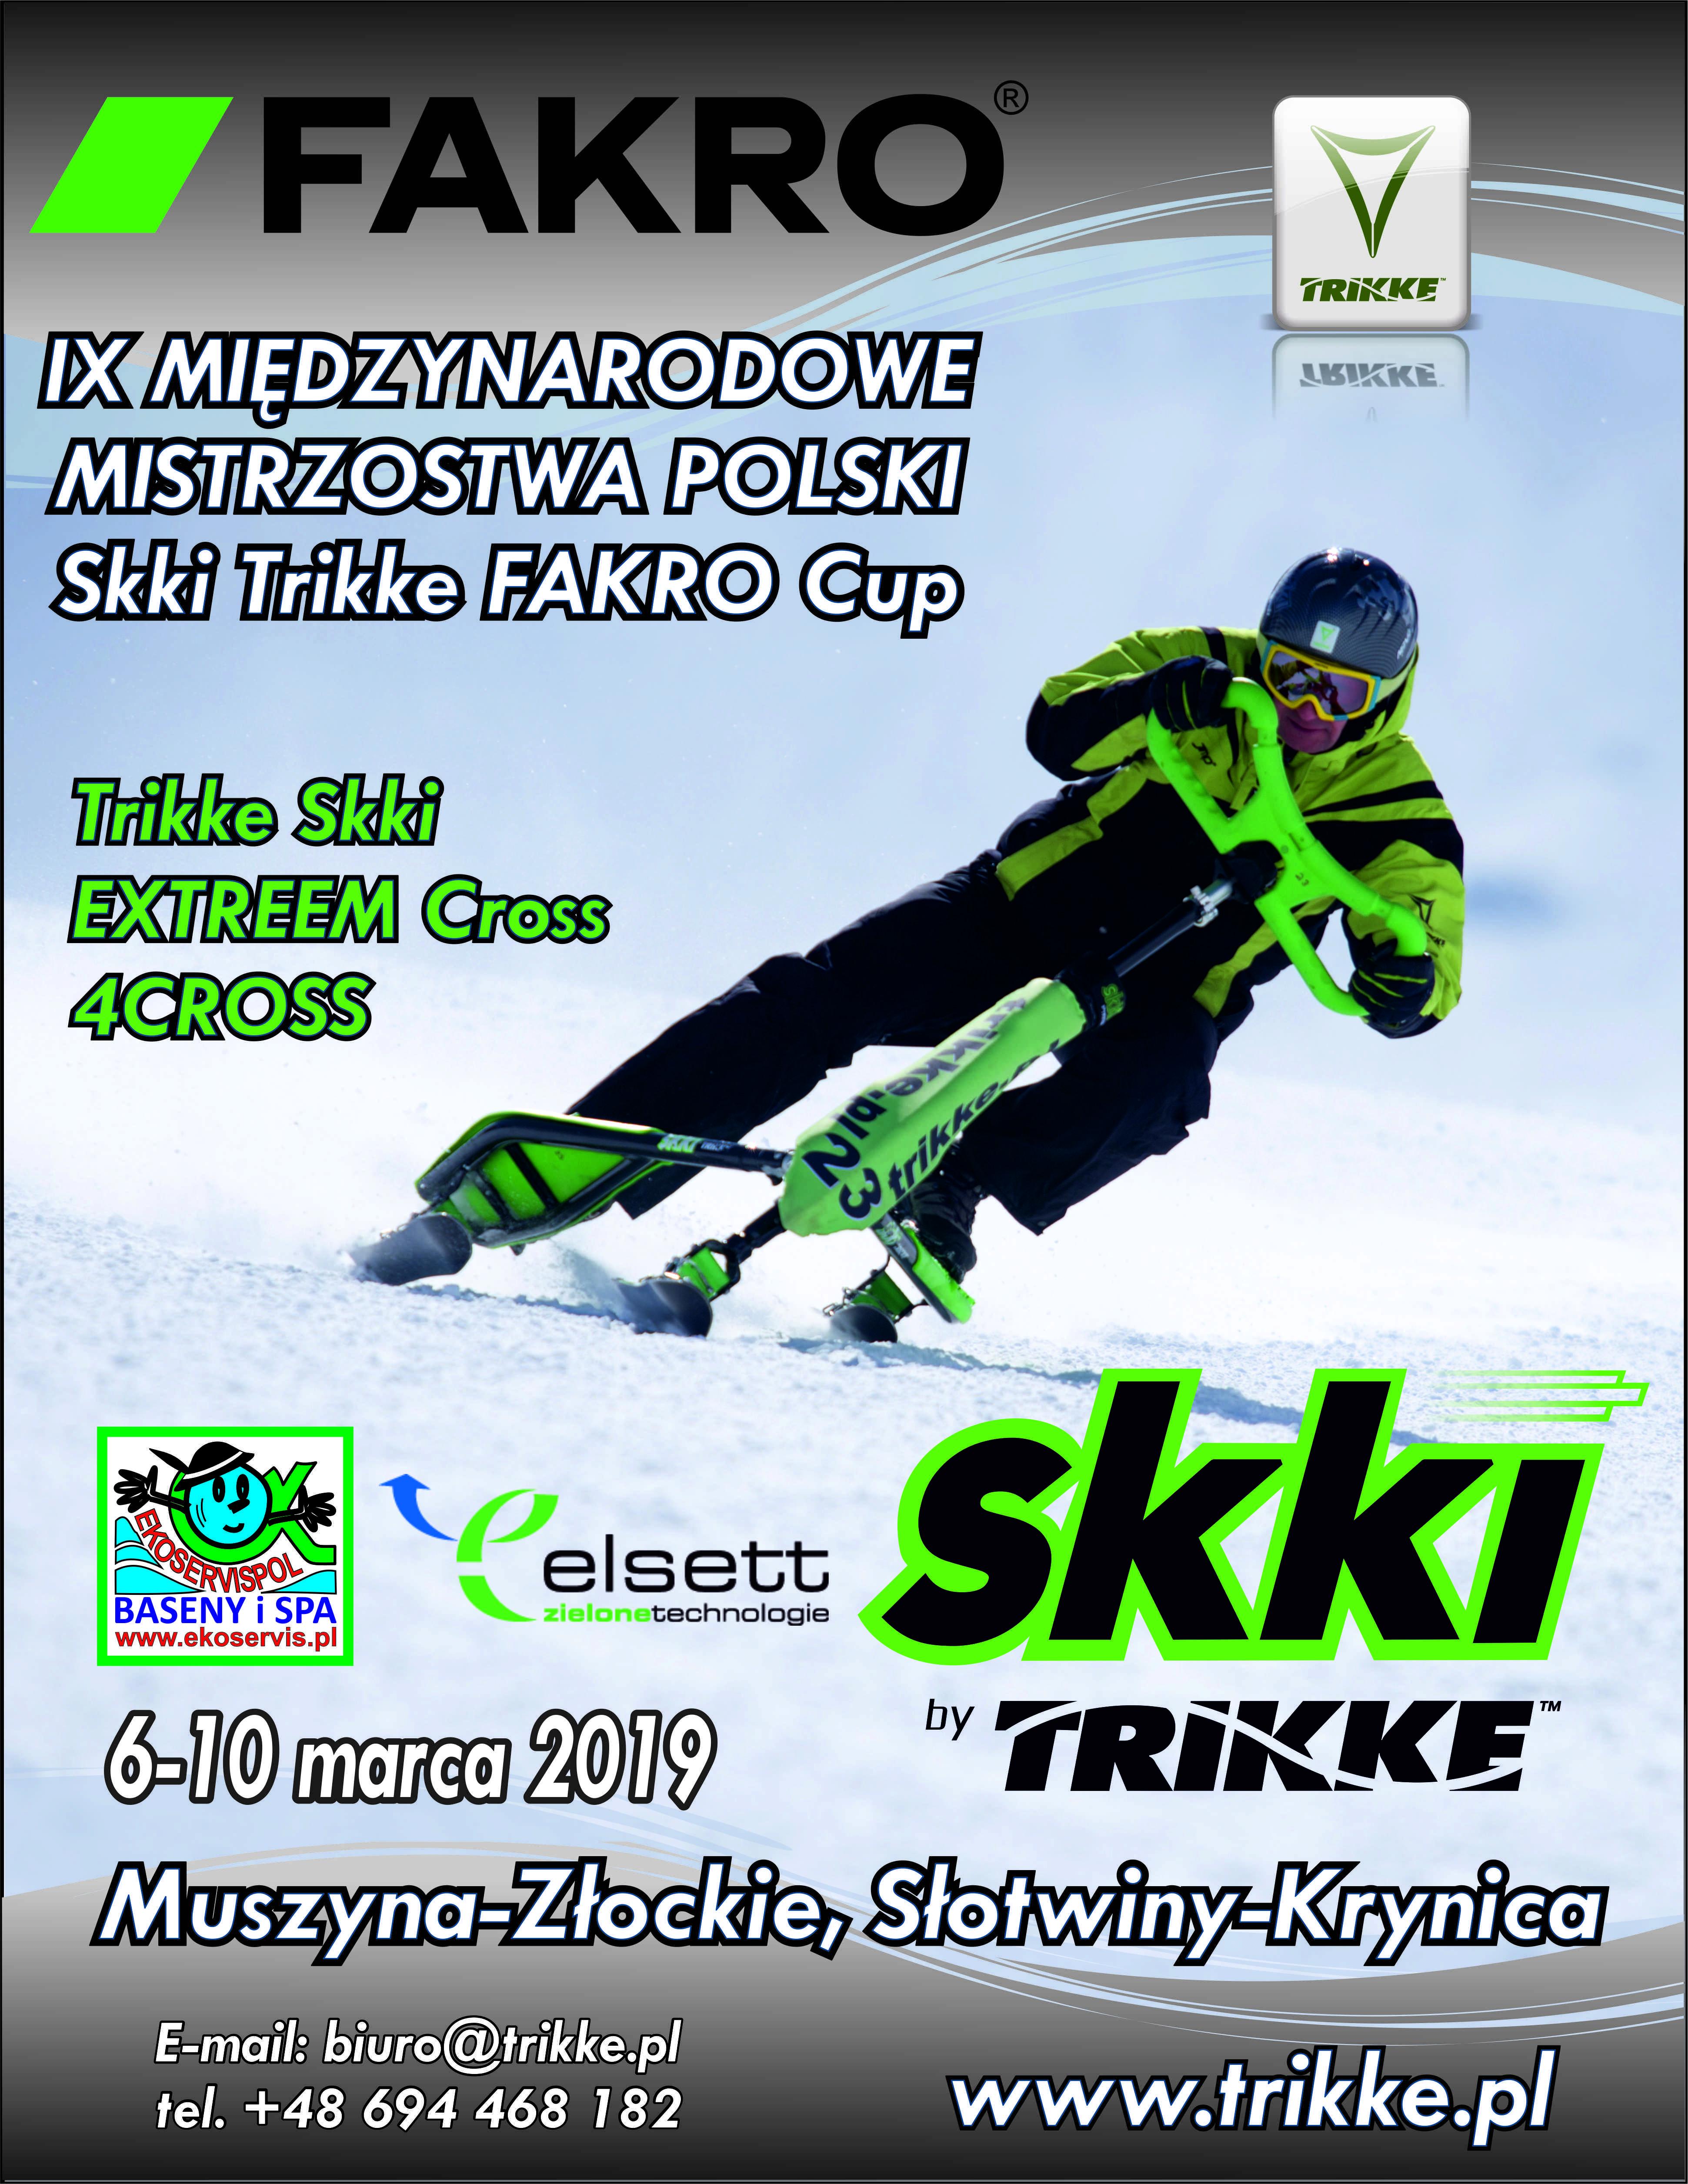 Zaproszenie na IX MIĘDZYNARODOWE MISTRZOSTWA POLSKI SKKI TRIKKE – FAKRO Cup 2019